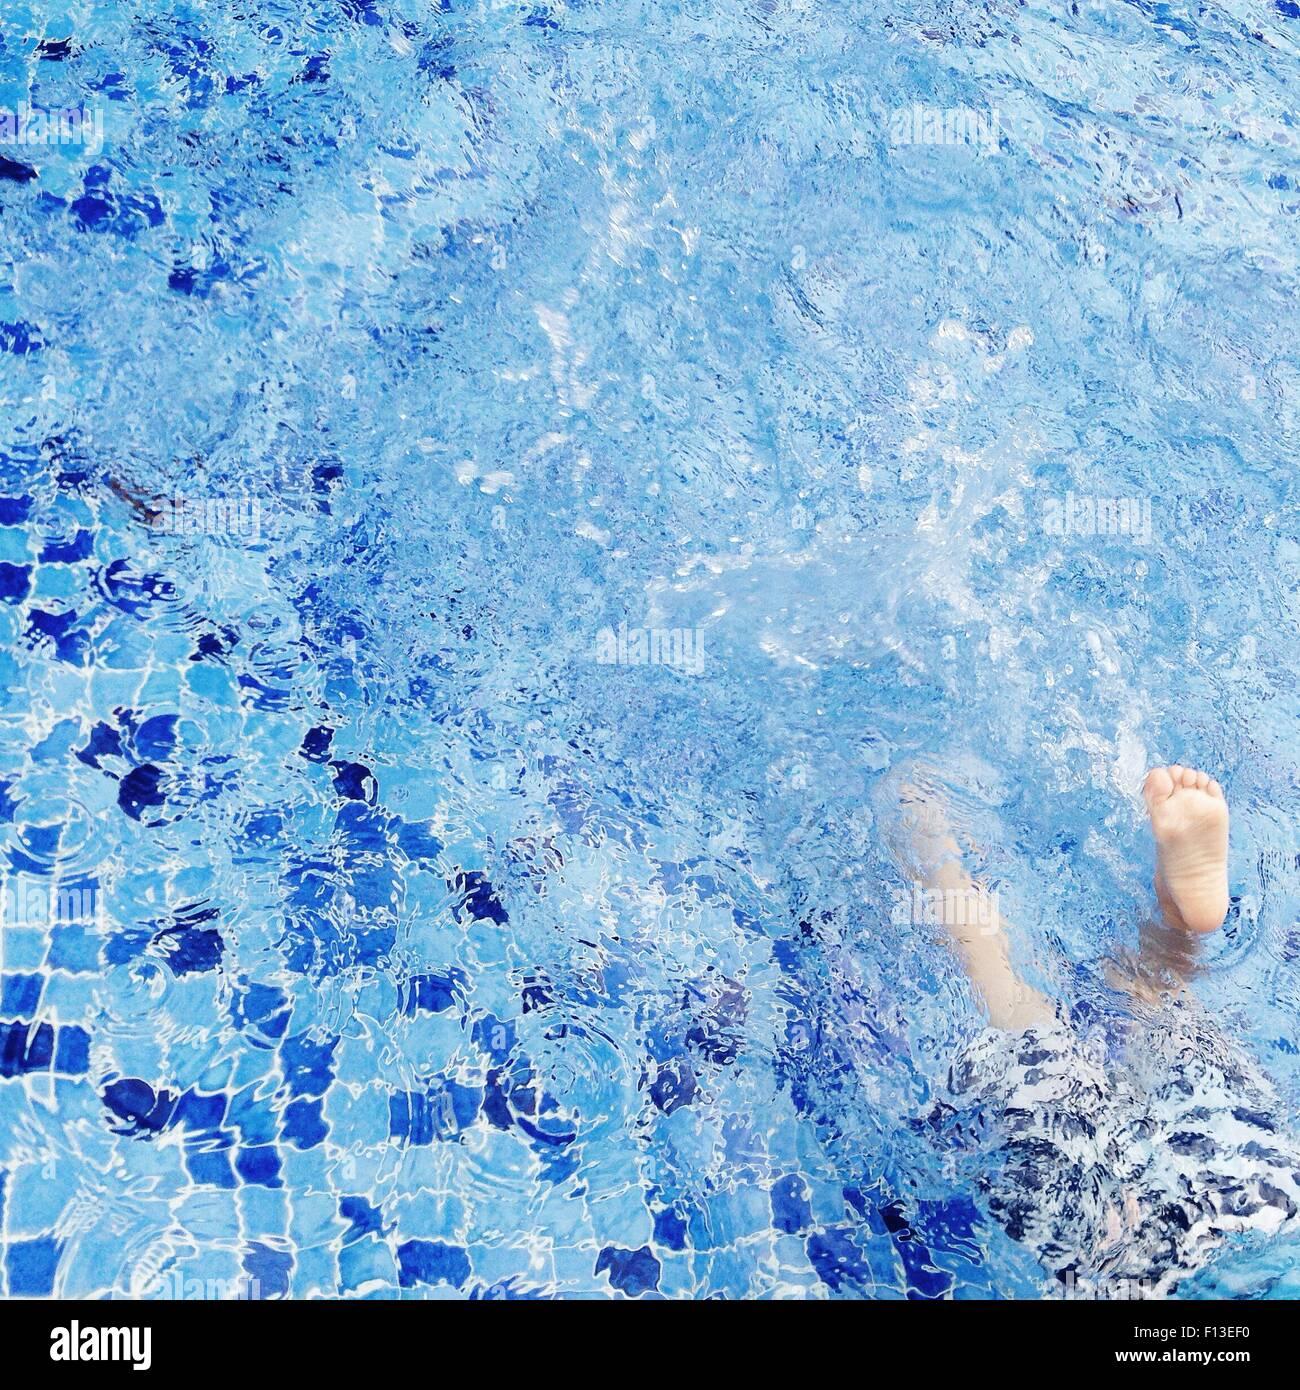 Boy splashing in swimming pool - Stock Image